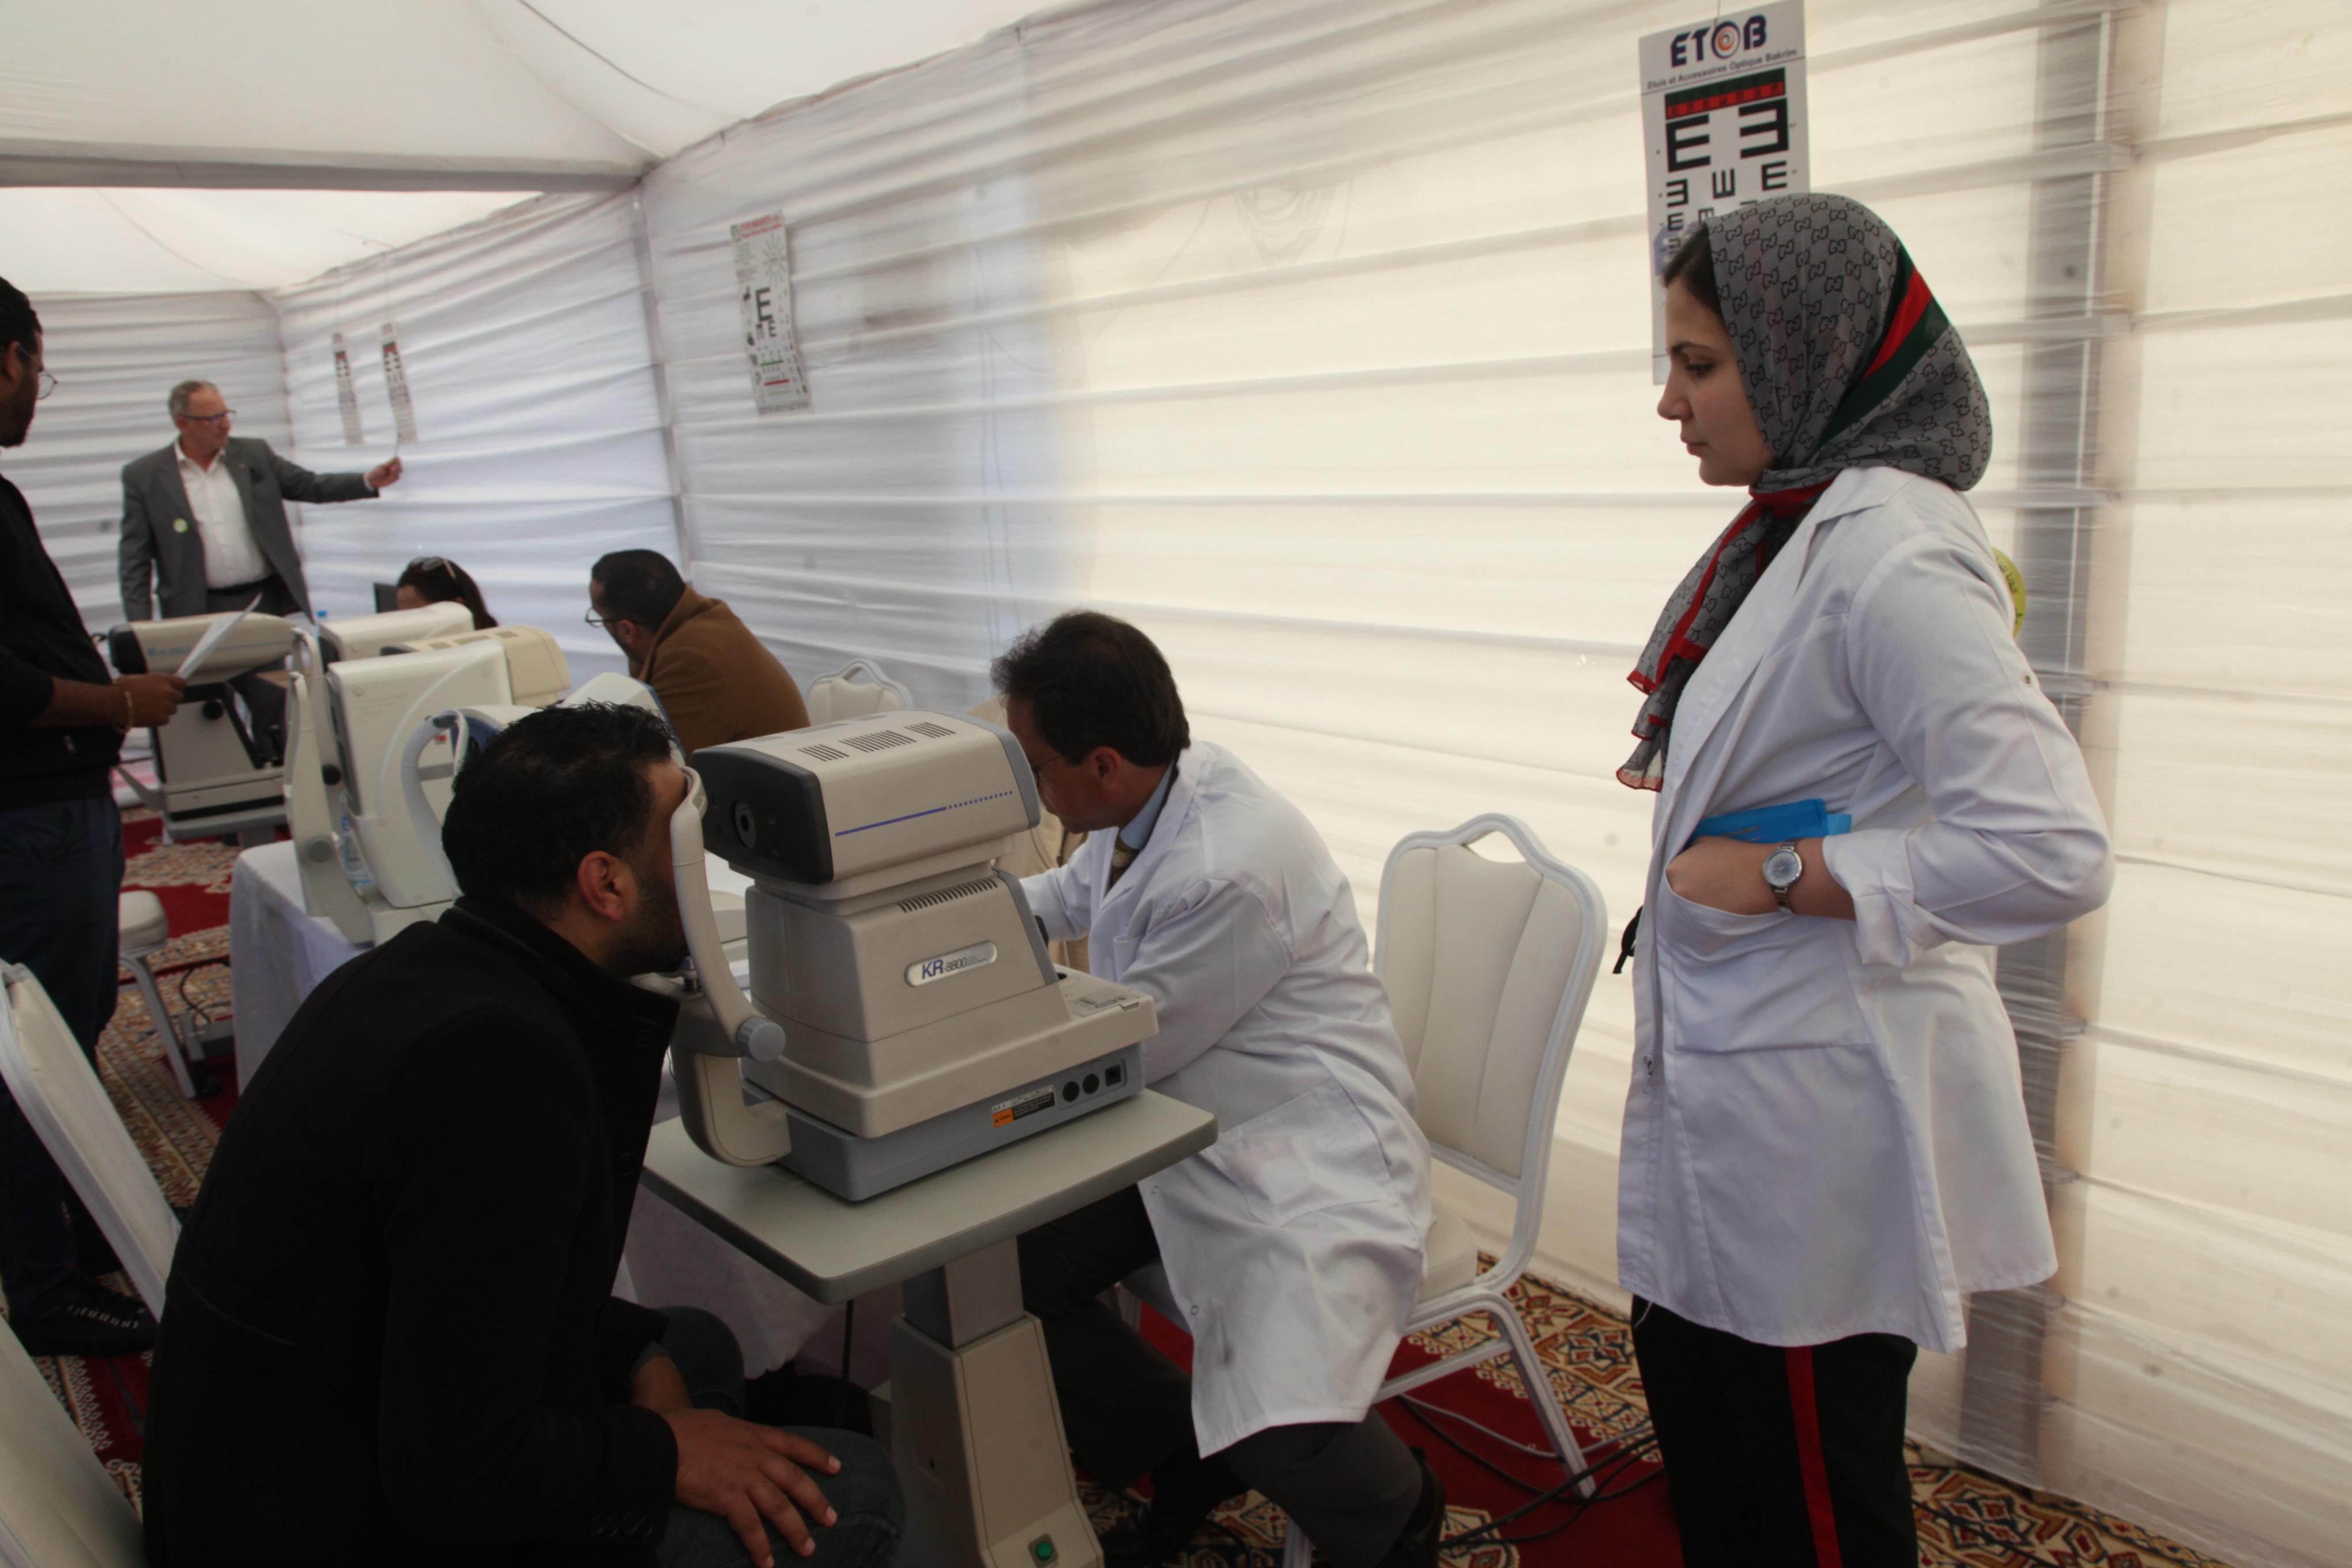 Les ophtalmologistes libéraux dénoncent cette campagne de santé